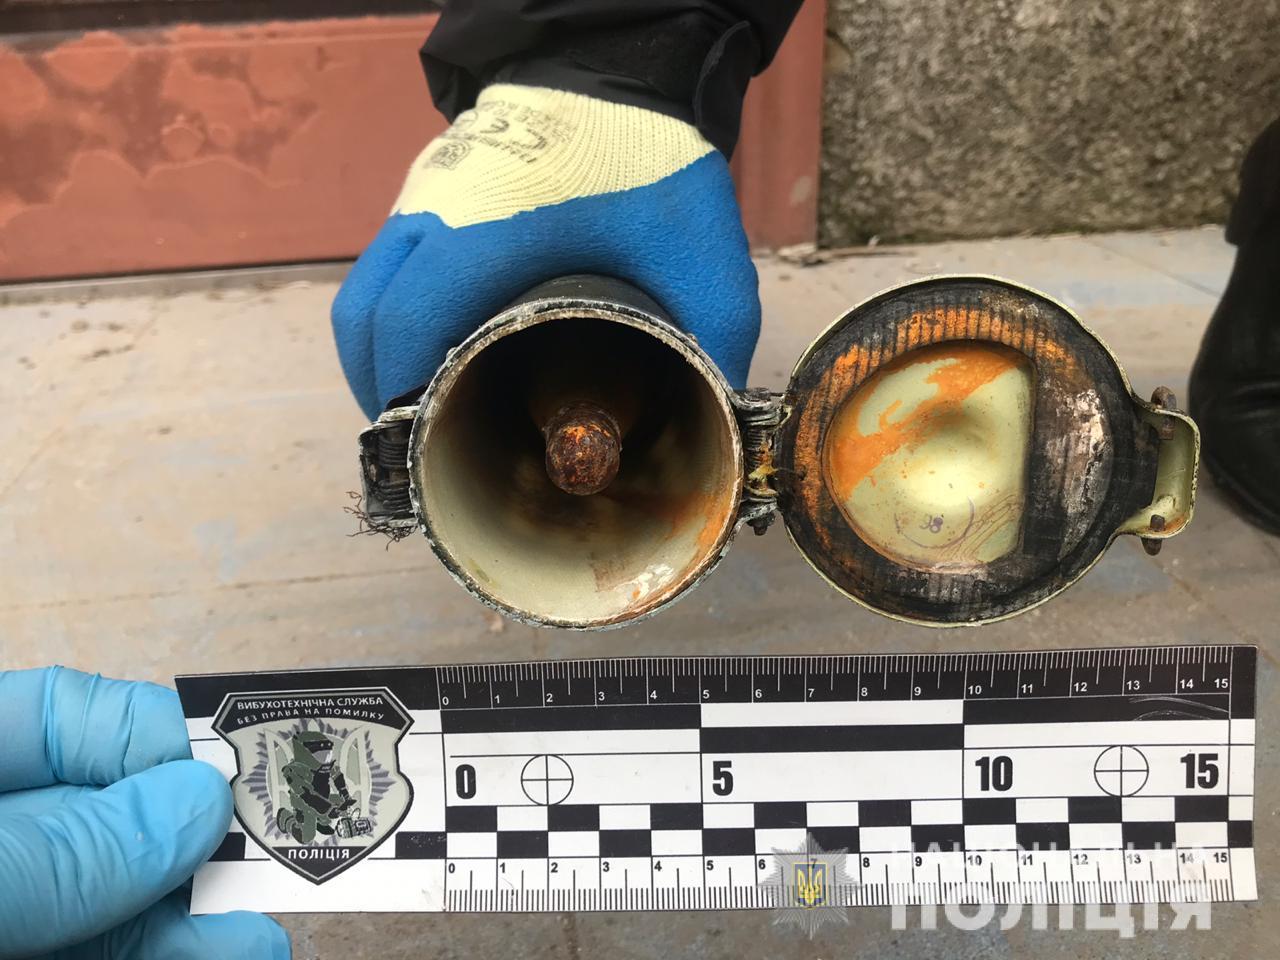 Особо опасная находка: в Черноморске пиротехники уничтожили противотанковые гранатометы, находящиеся на грани взрыва